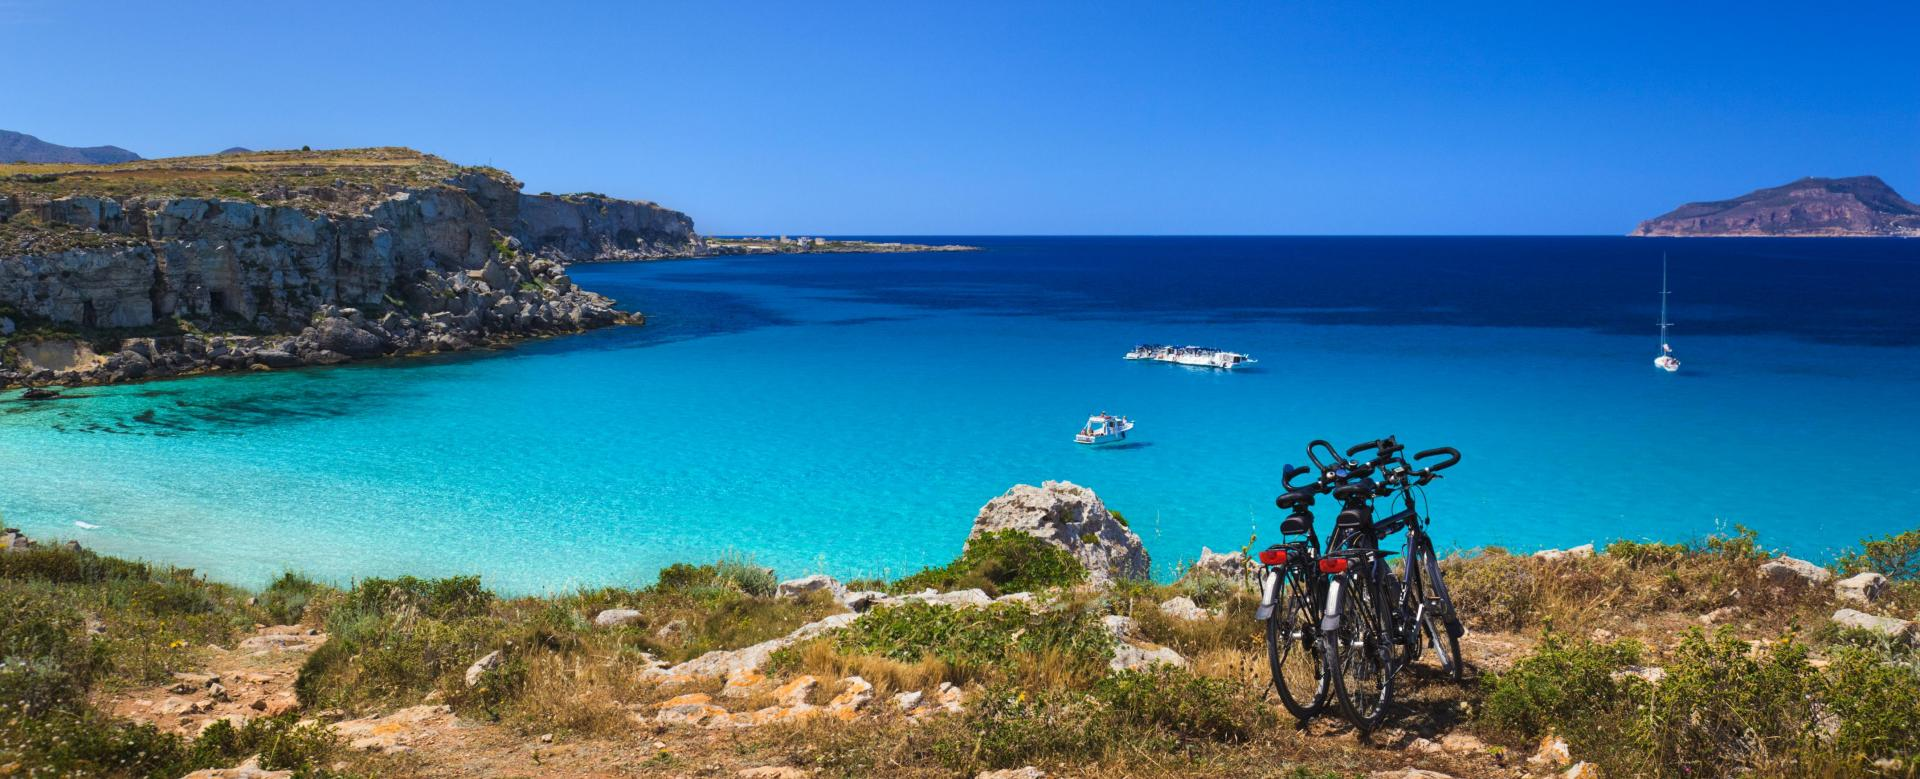 Voyage en véhicule Italie : Les merveilles de sardaigne à vélo